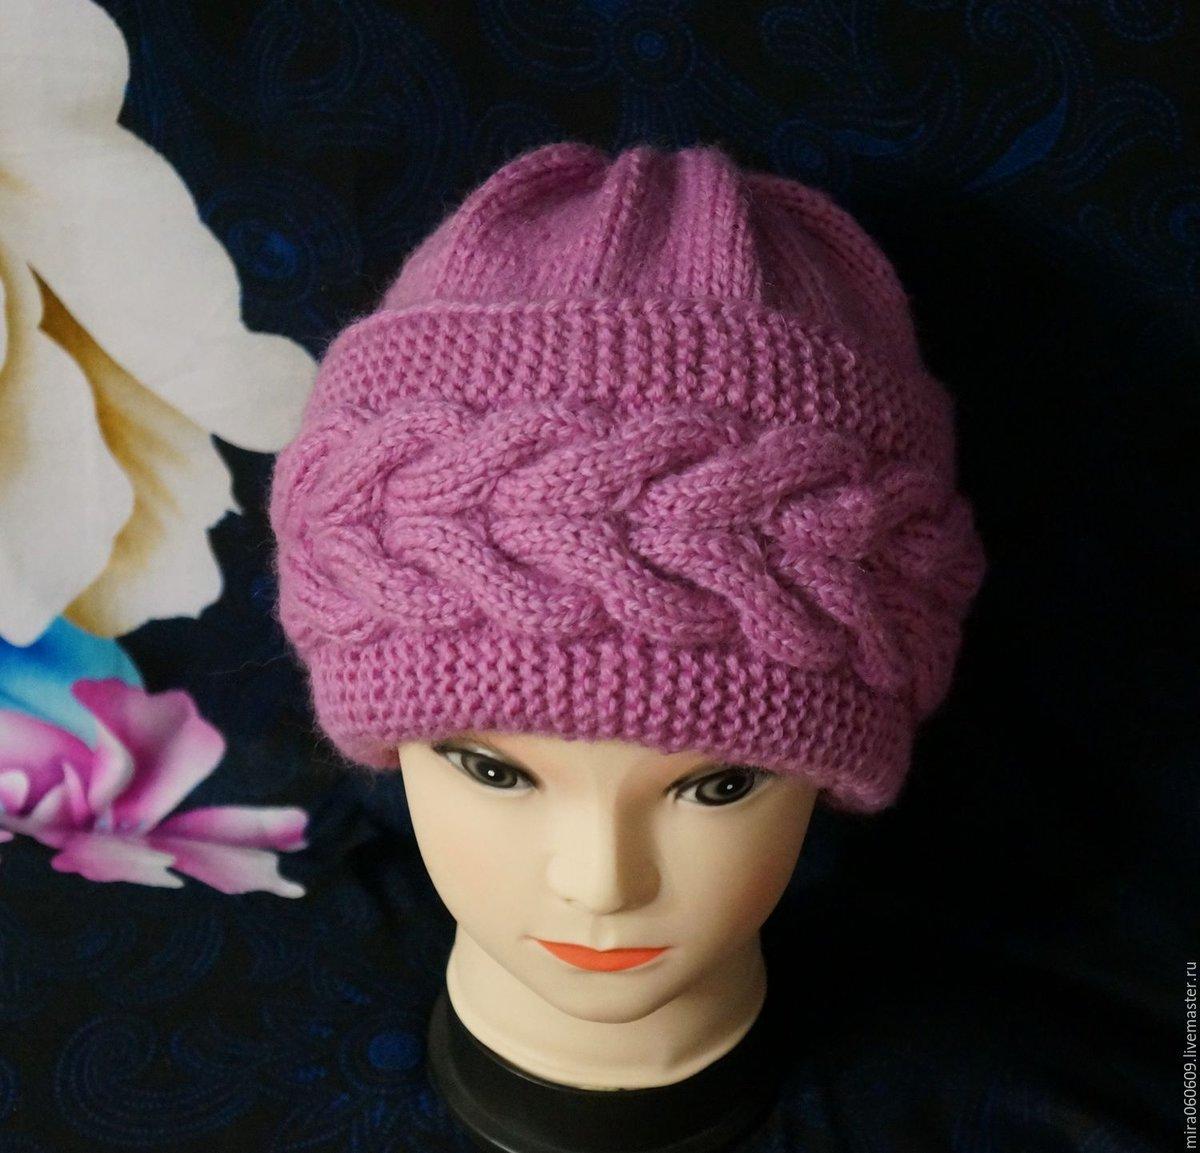 также вязание шапки спицами фото мастер класс насколько такой фасон